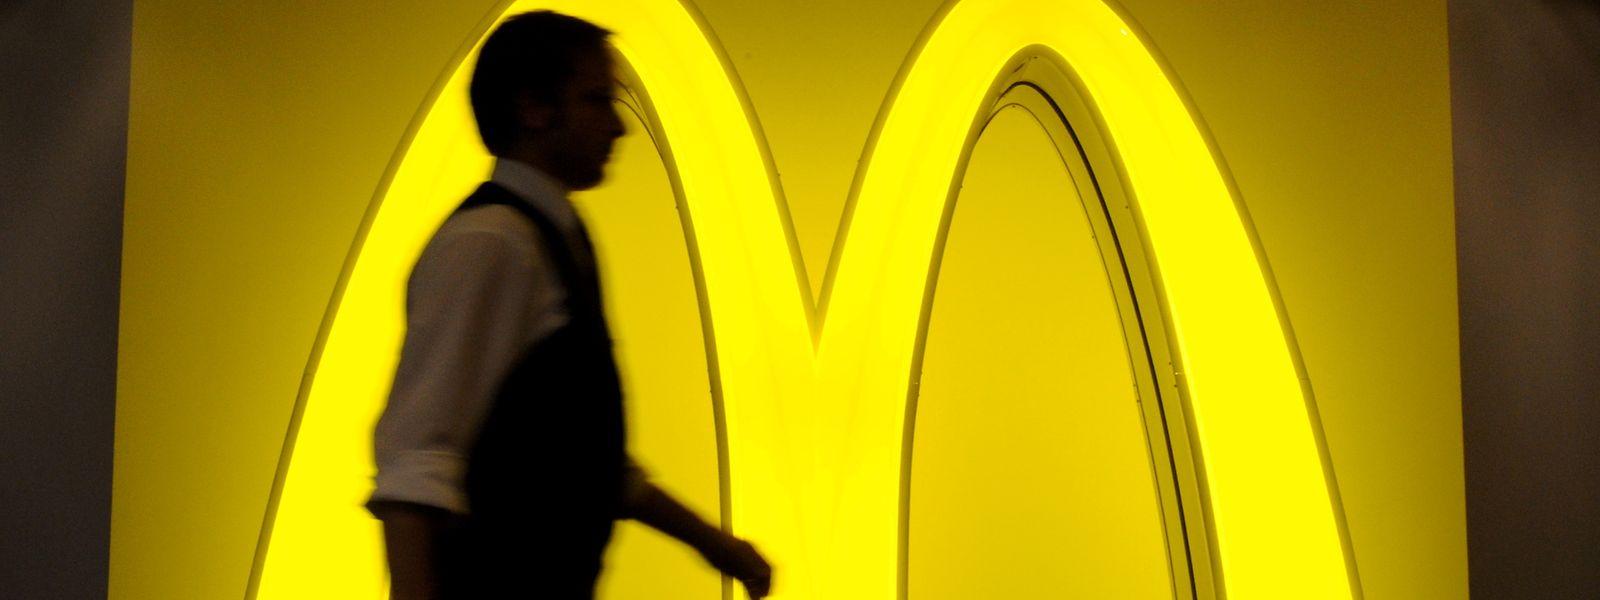 La firme américaine n'est toujours pas passée aux burgers végétariens.